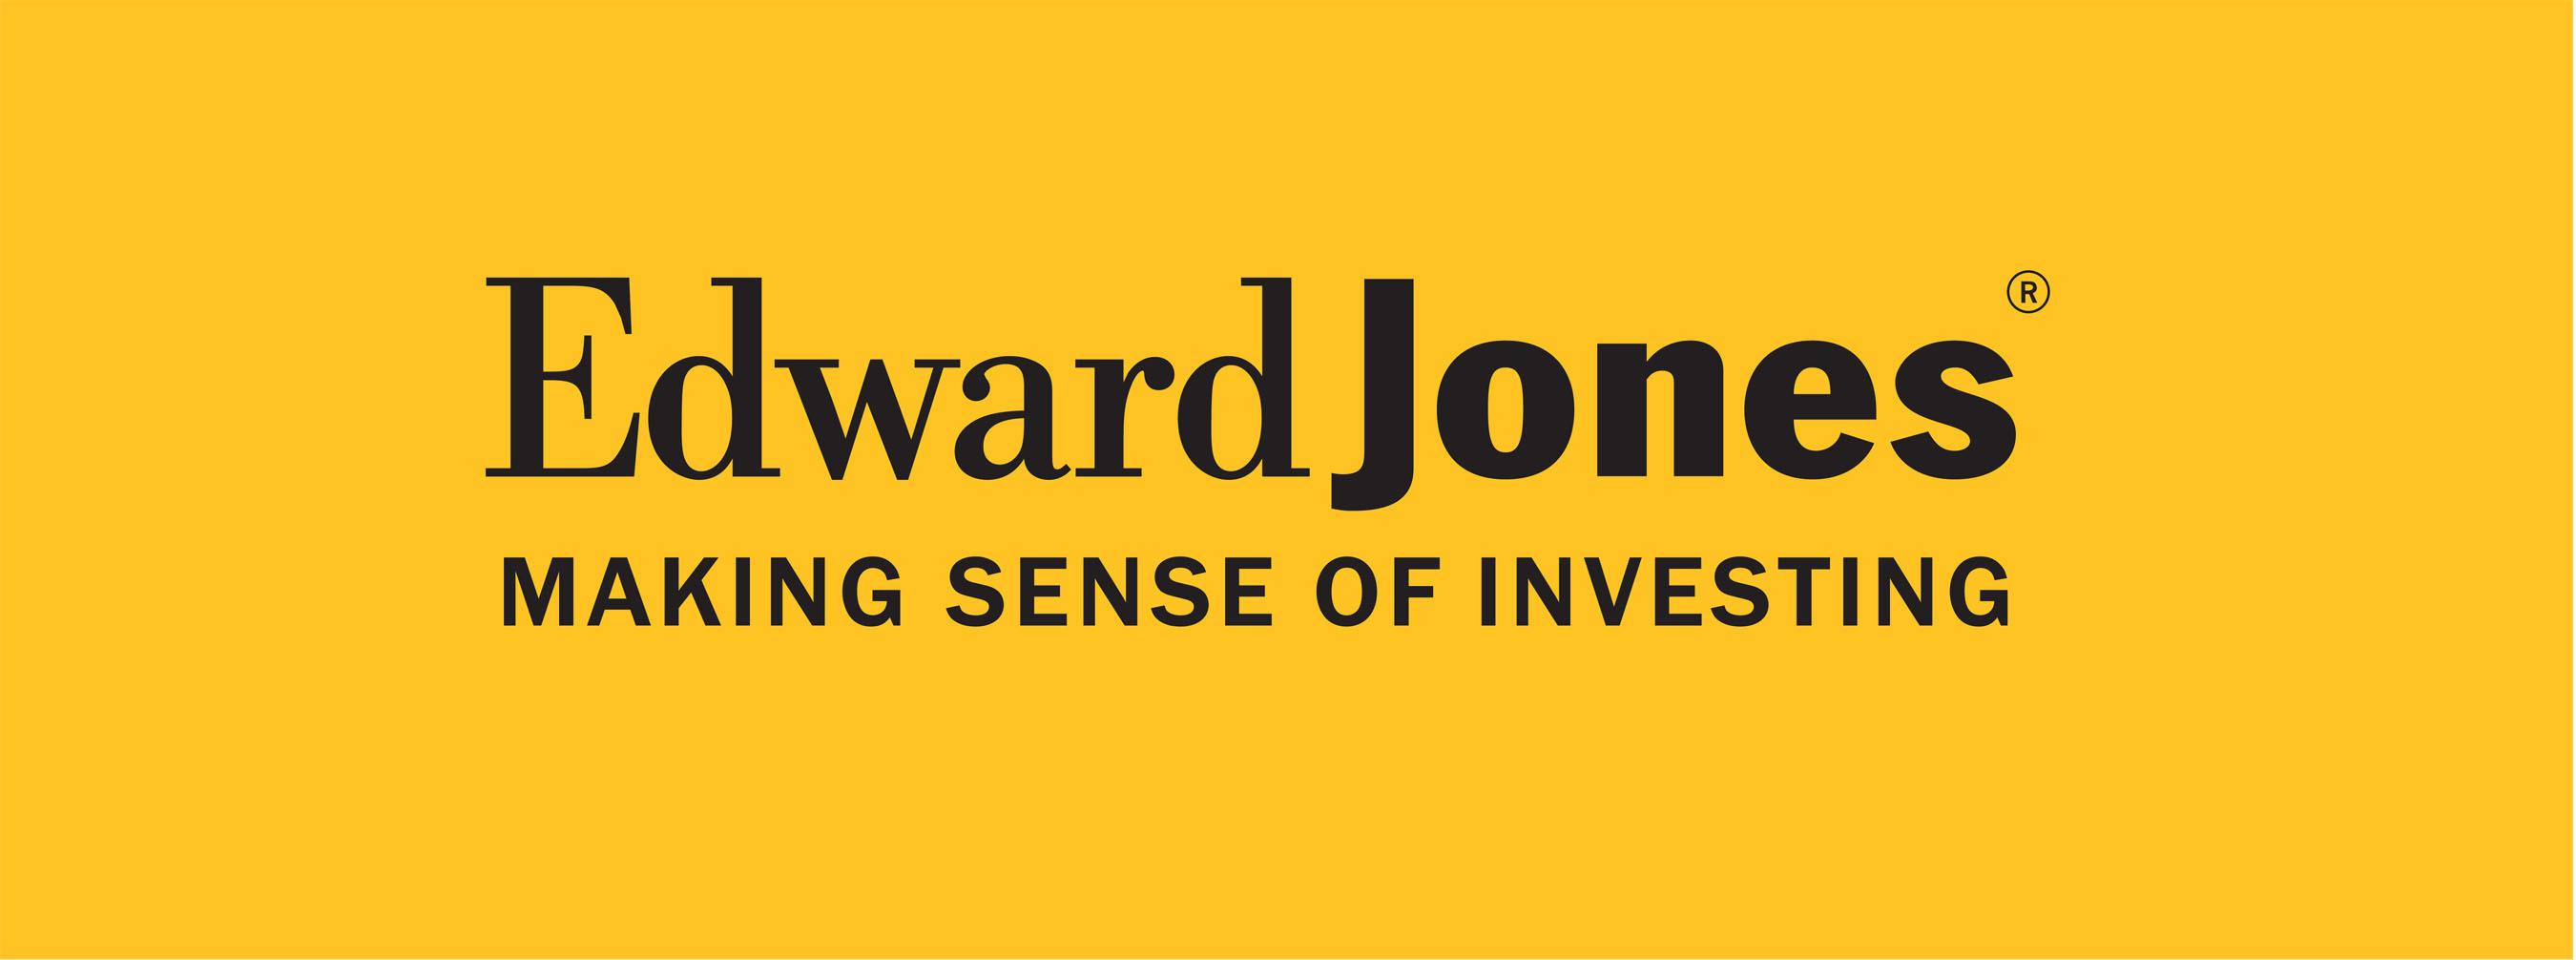 Edward Jones.